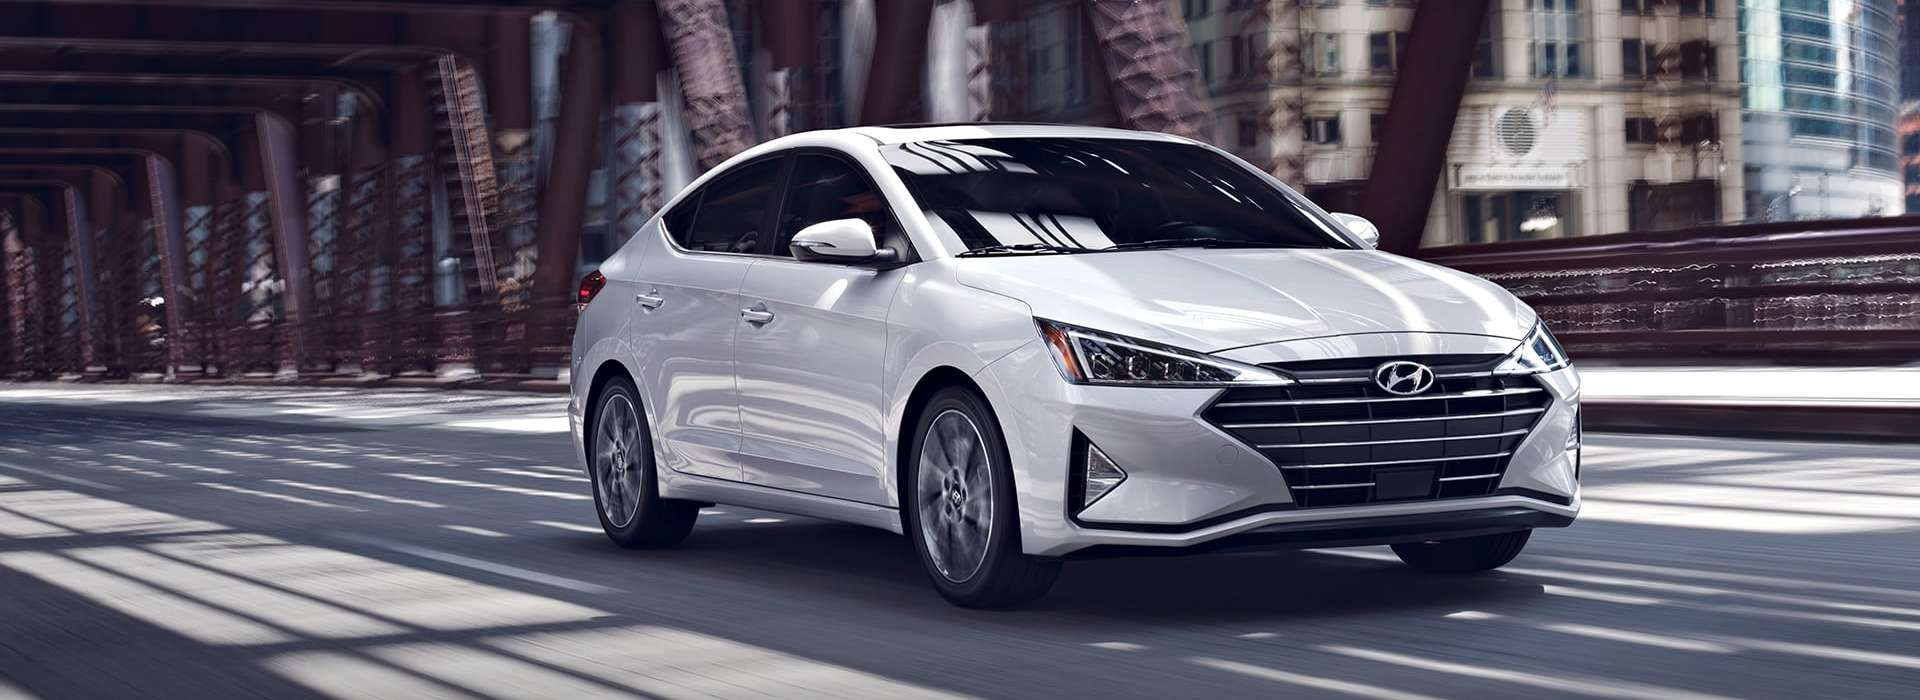 2020 Hyundai Elantra Leasing near Annandale, VA